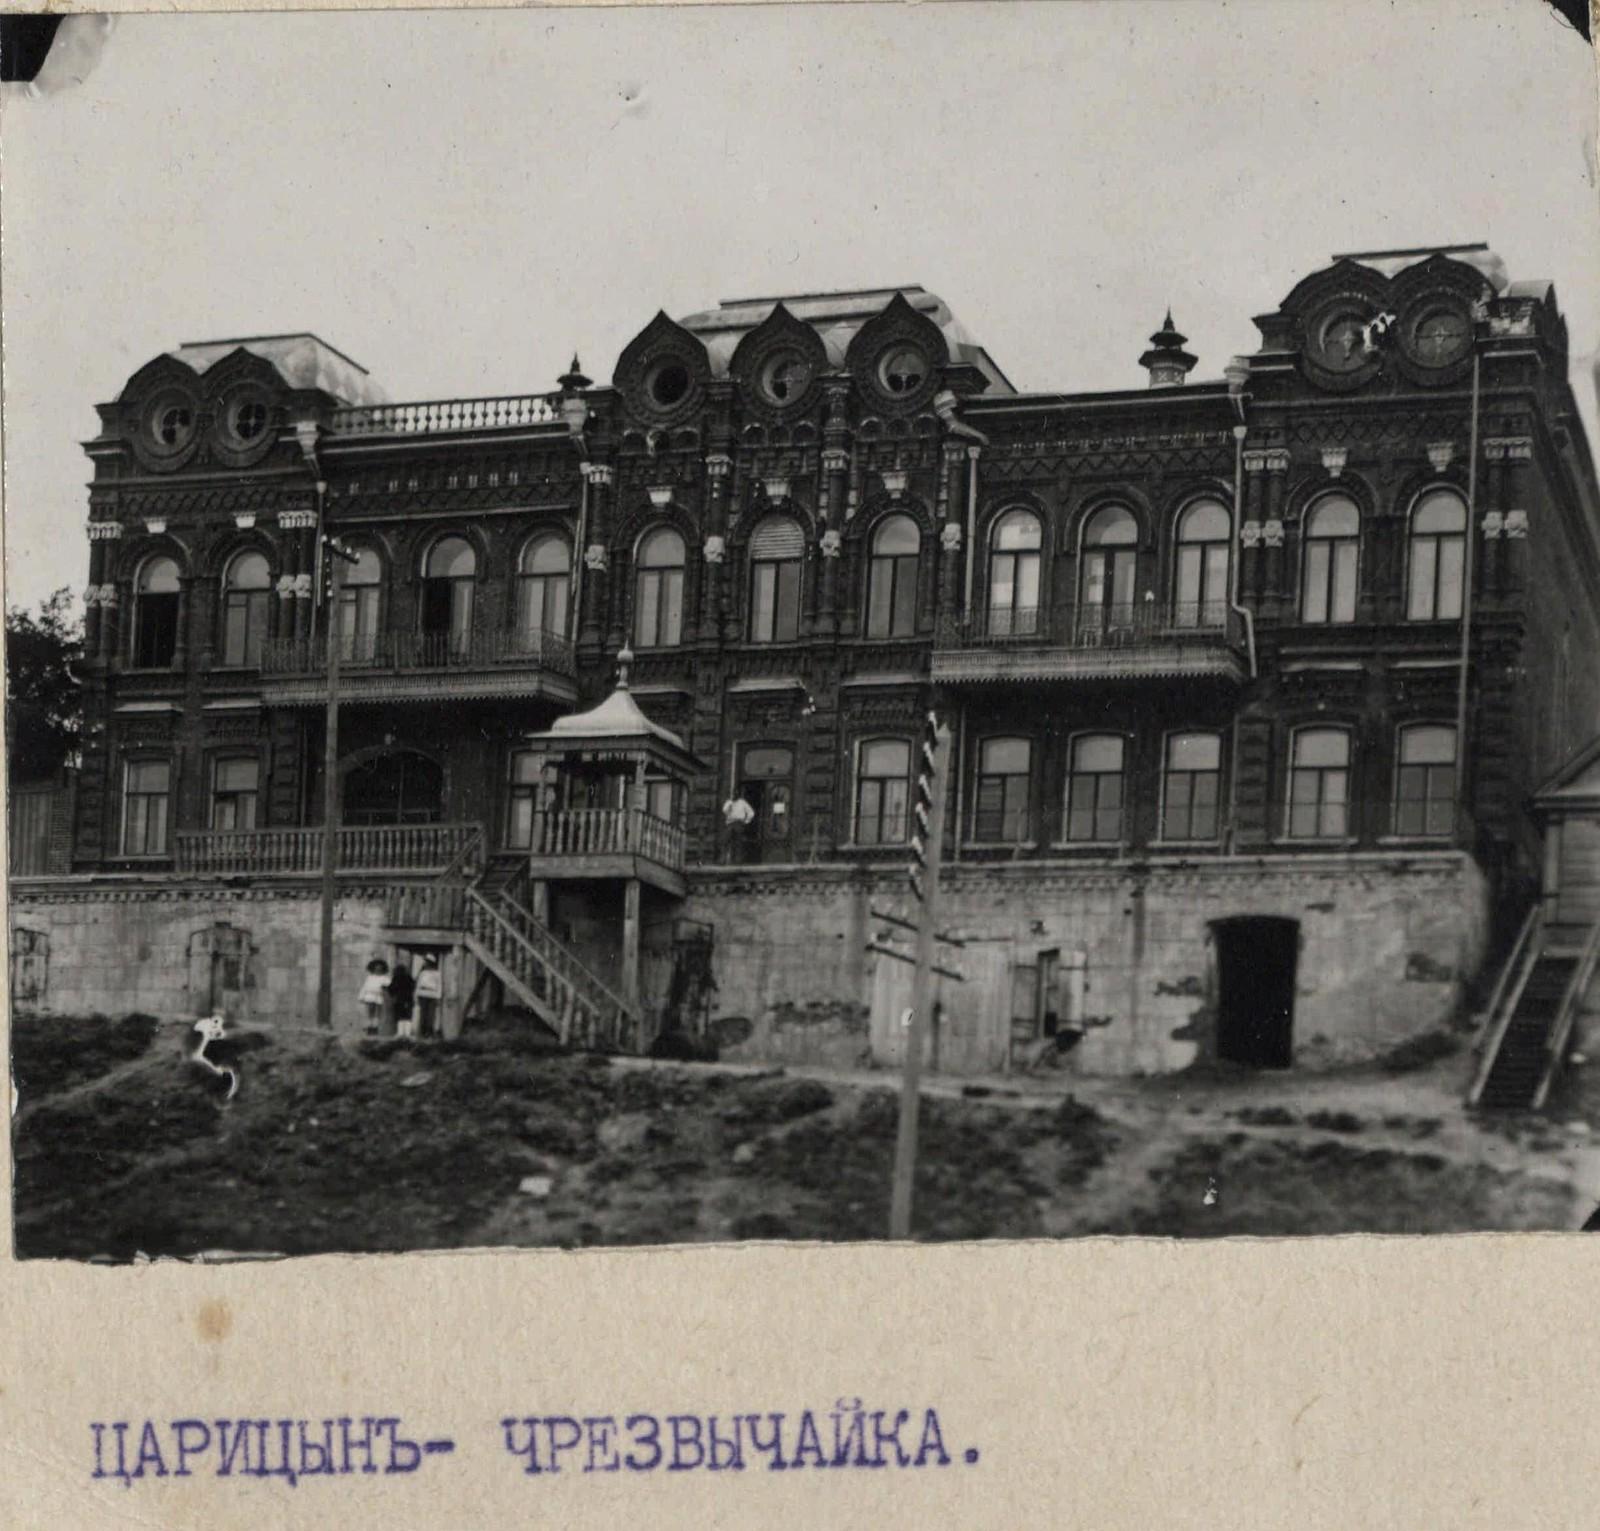 1919. Царицын. Чрезвычайка